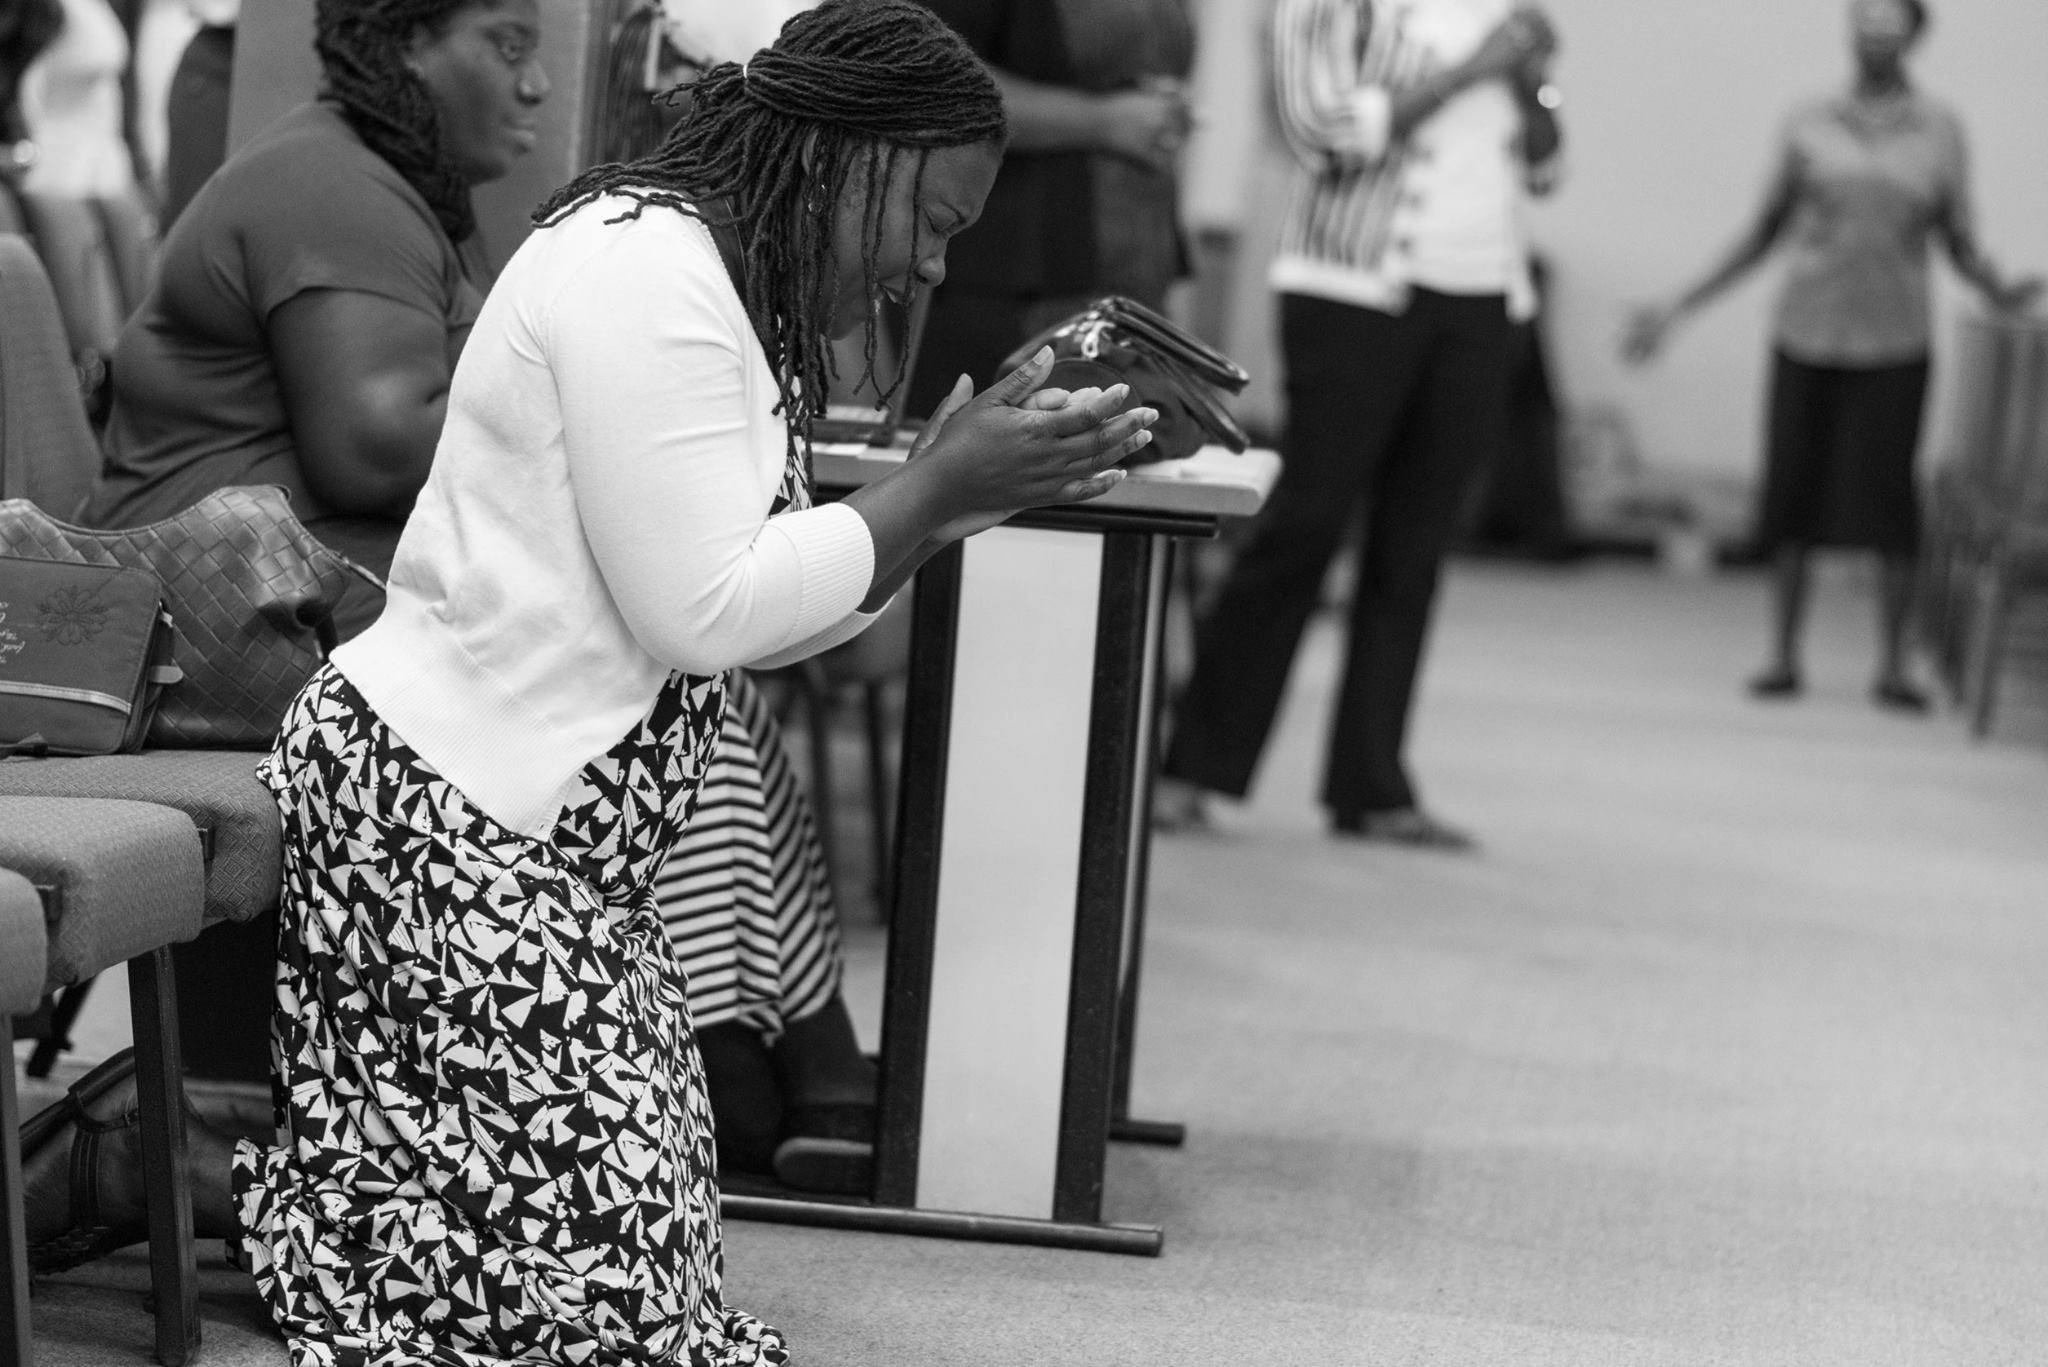 https://feltabonline.org/wp-content/uploads/2018/02/prayer.jpg